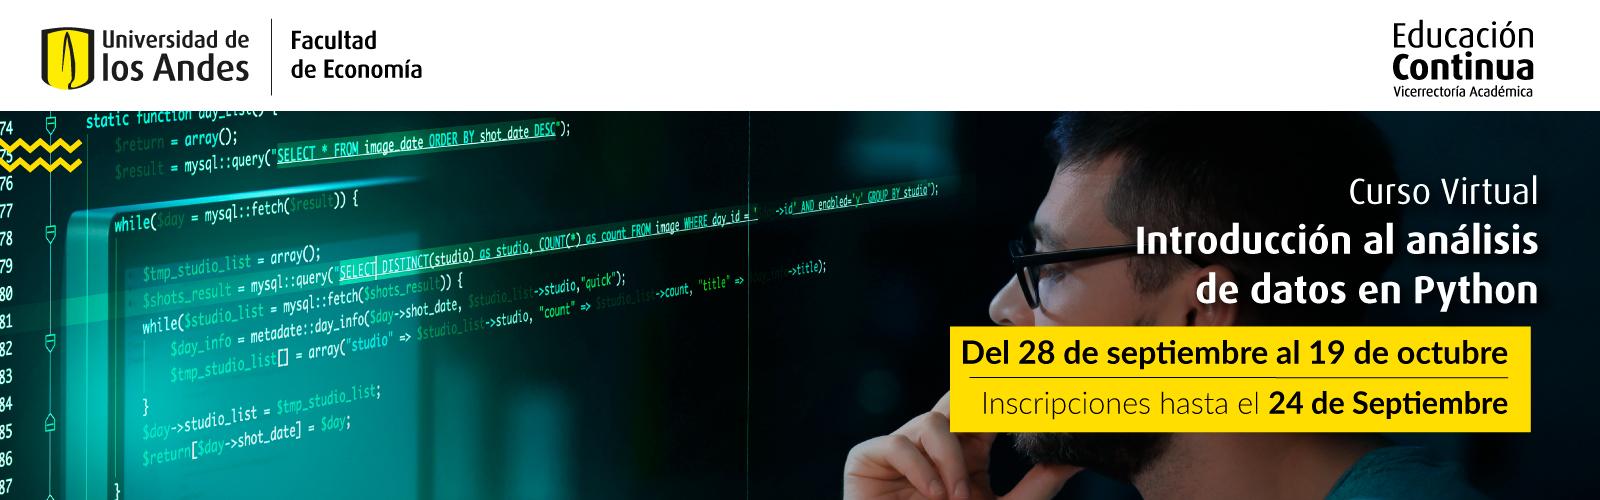 2021-Introduccion-al-analisis-de-datos-en-Python.jpg